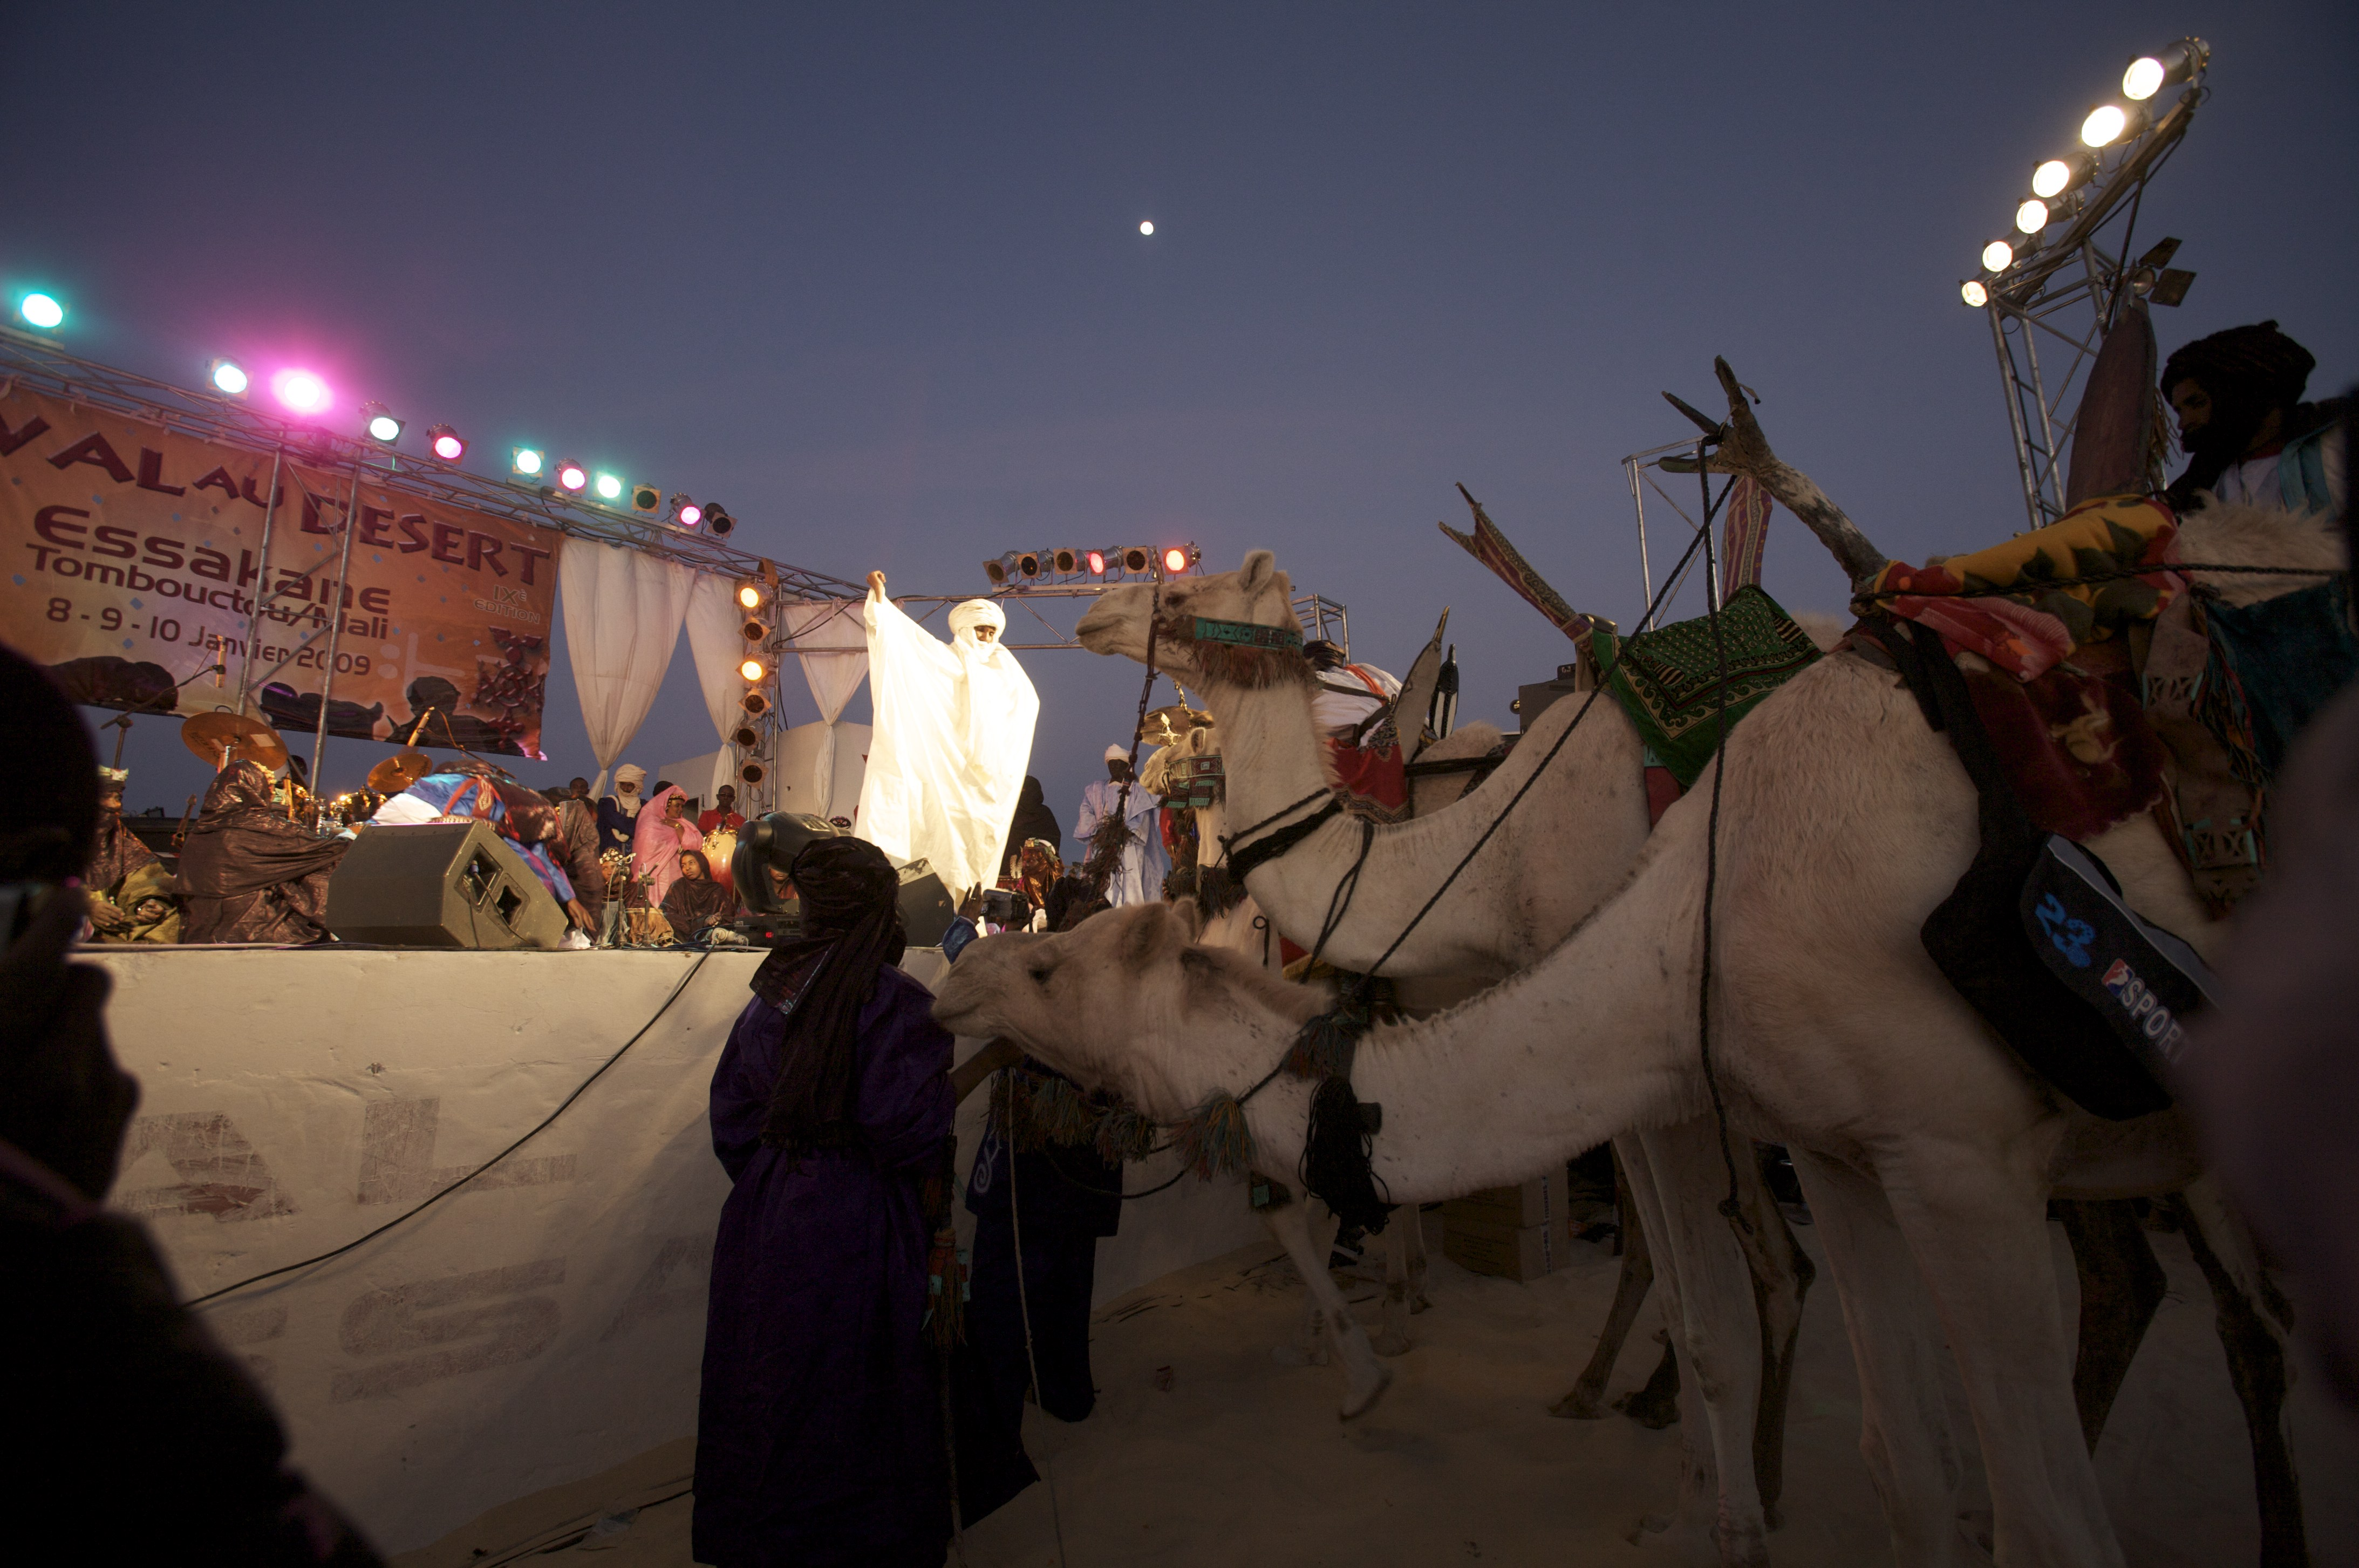 Tuareg Blues A Struggle For Life Land And Freedom The Con